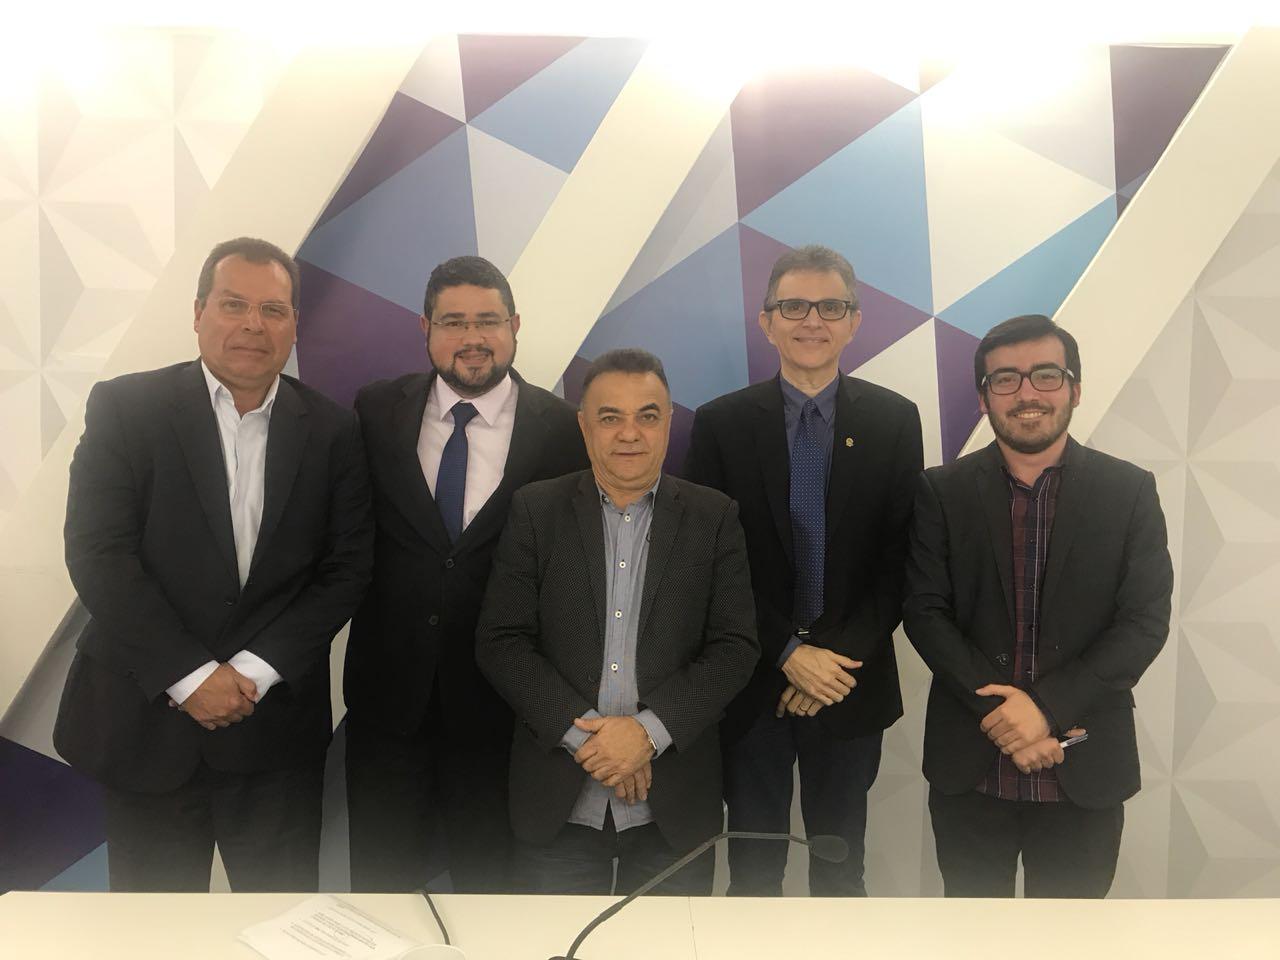 debate 04092018 - VEJA VÍDEO: Pedro Sabino avalia comportamento do PT na disputa presidencial, 'Lula nunca preparou e nem está preparando herdeiros políticos'